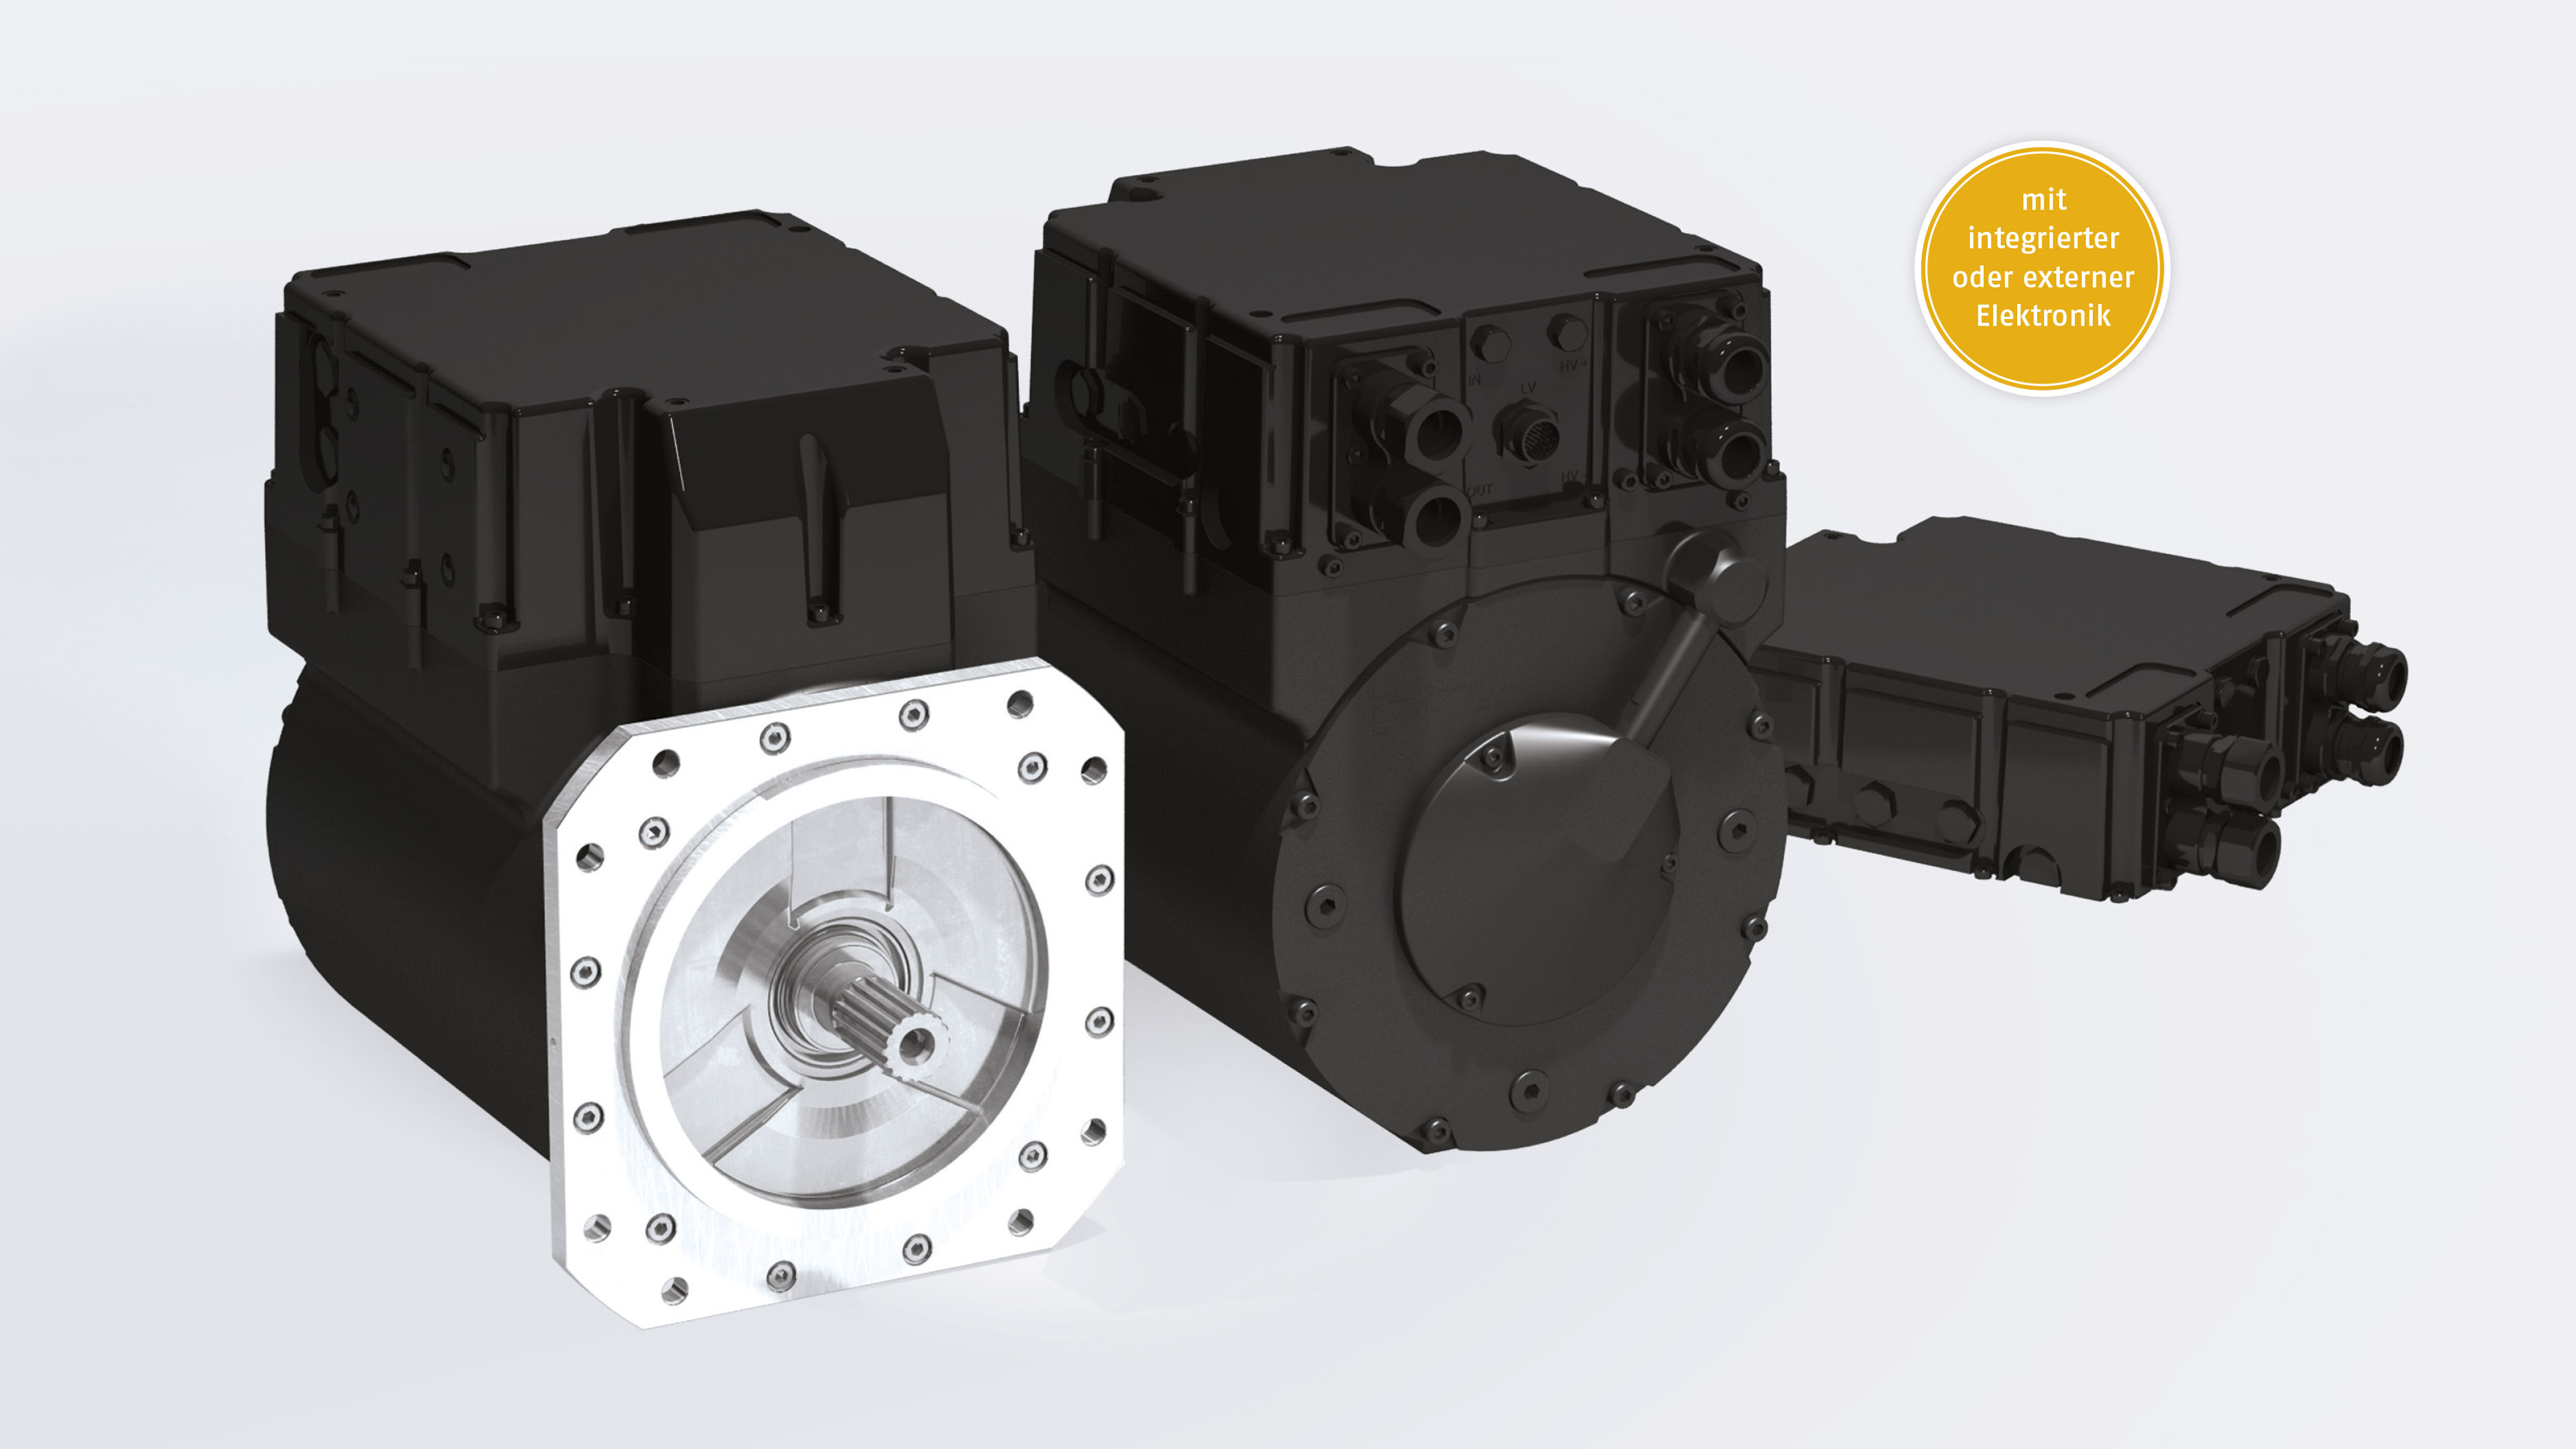 Antriebssystem powerMELA von Baumüller